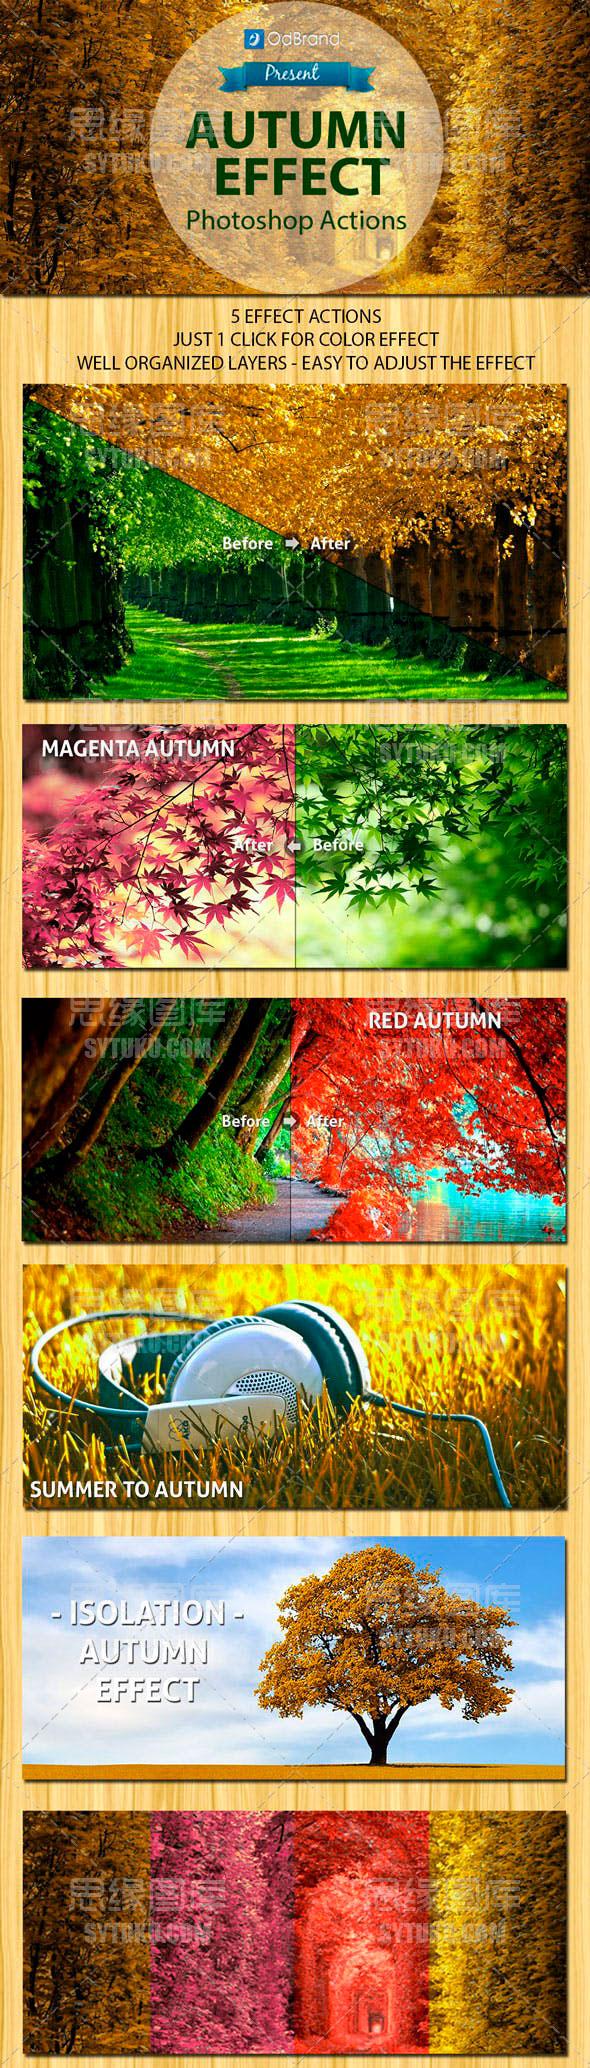 数码照片秋季唯美效果PS动作